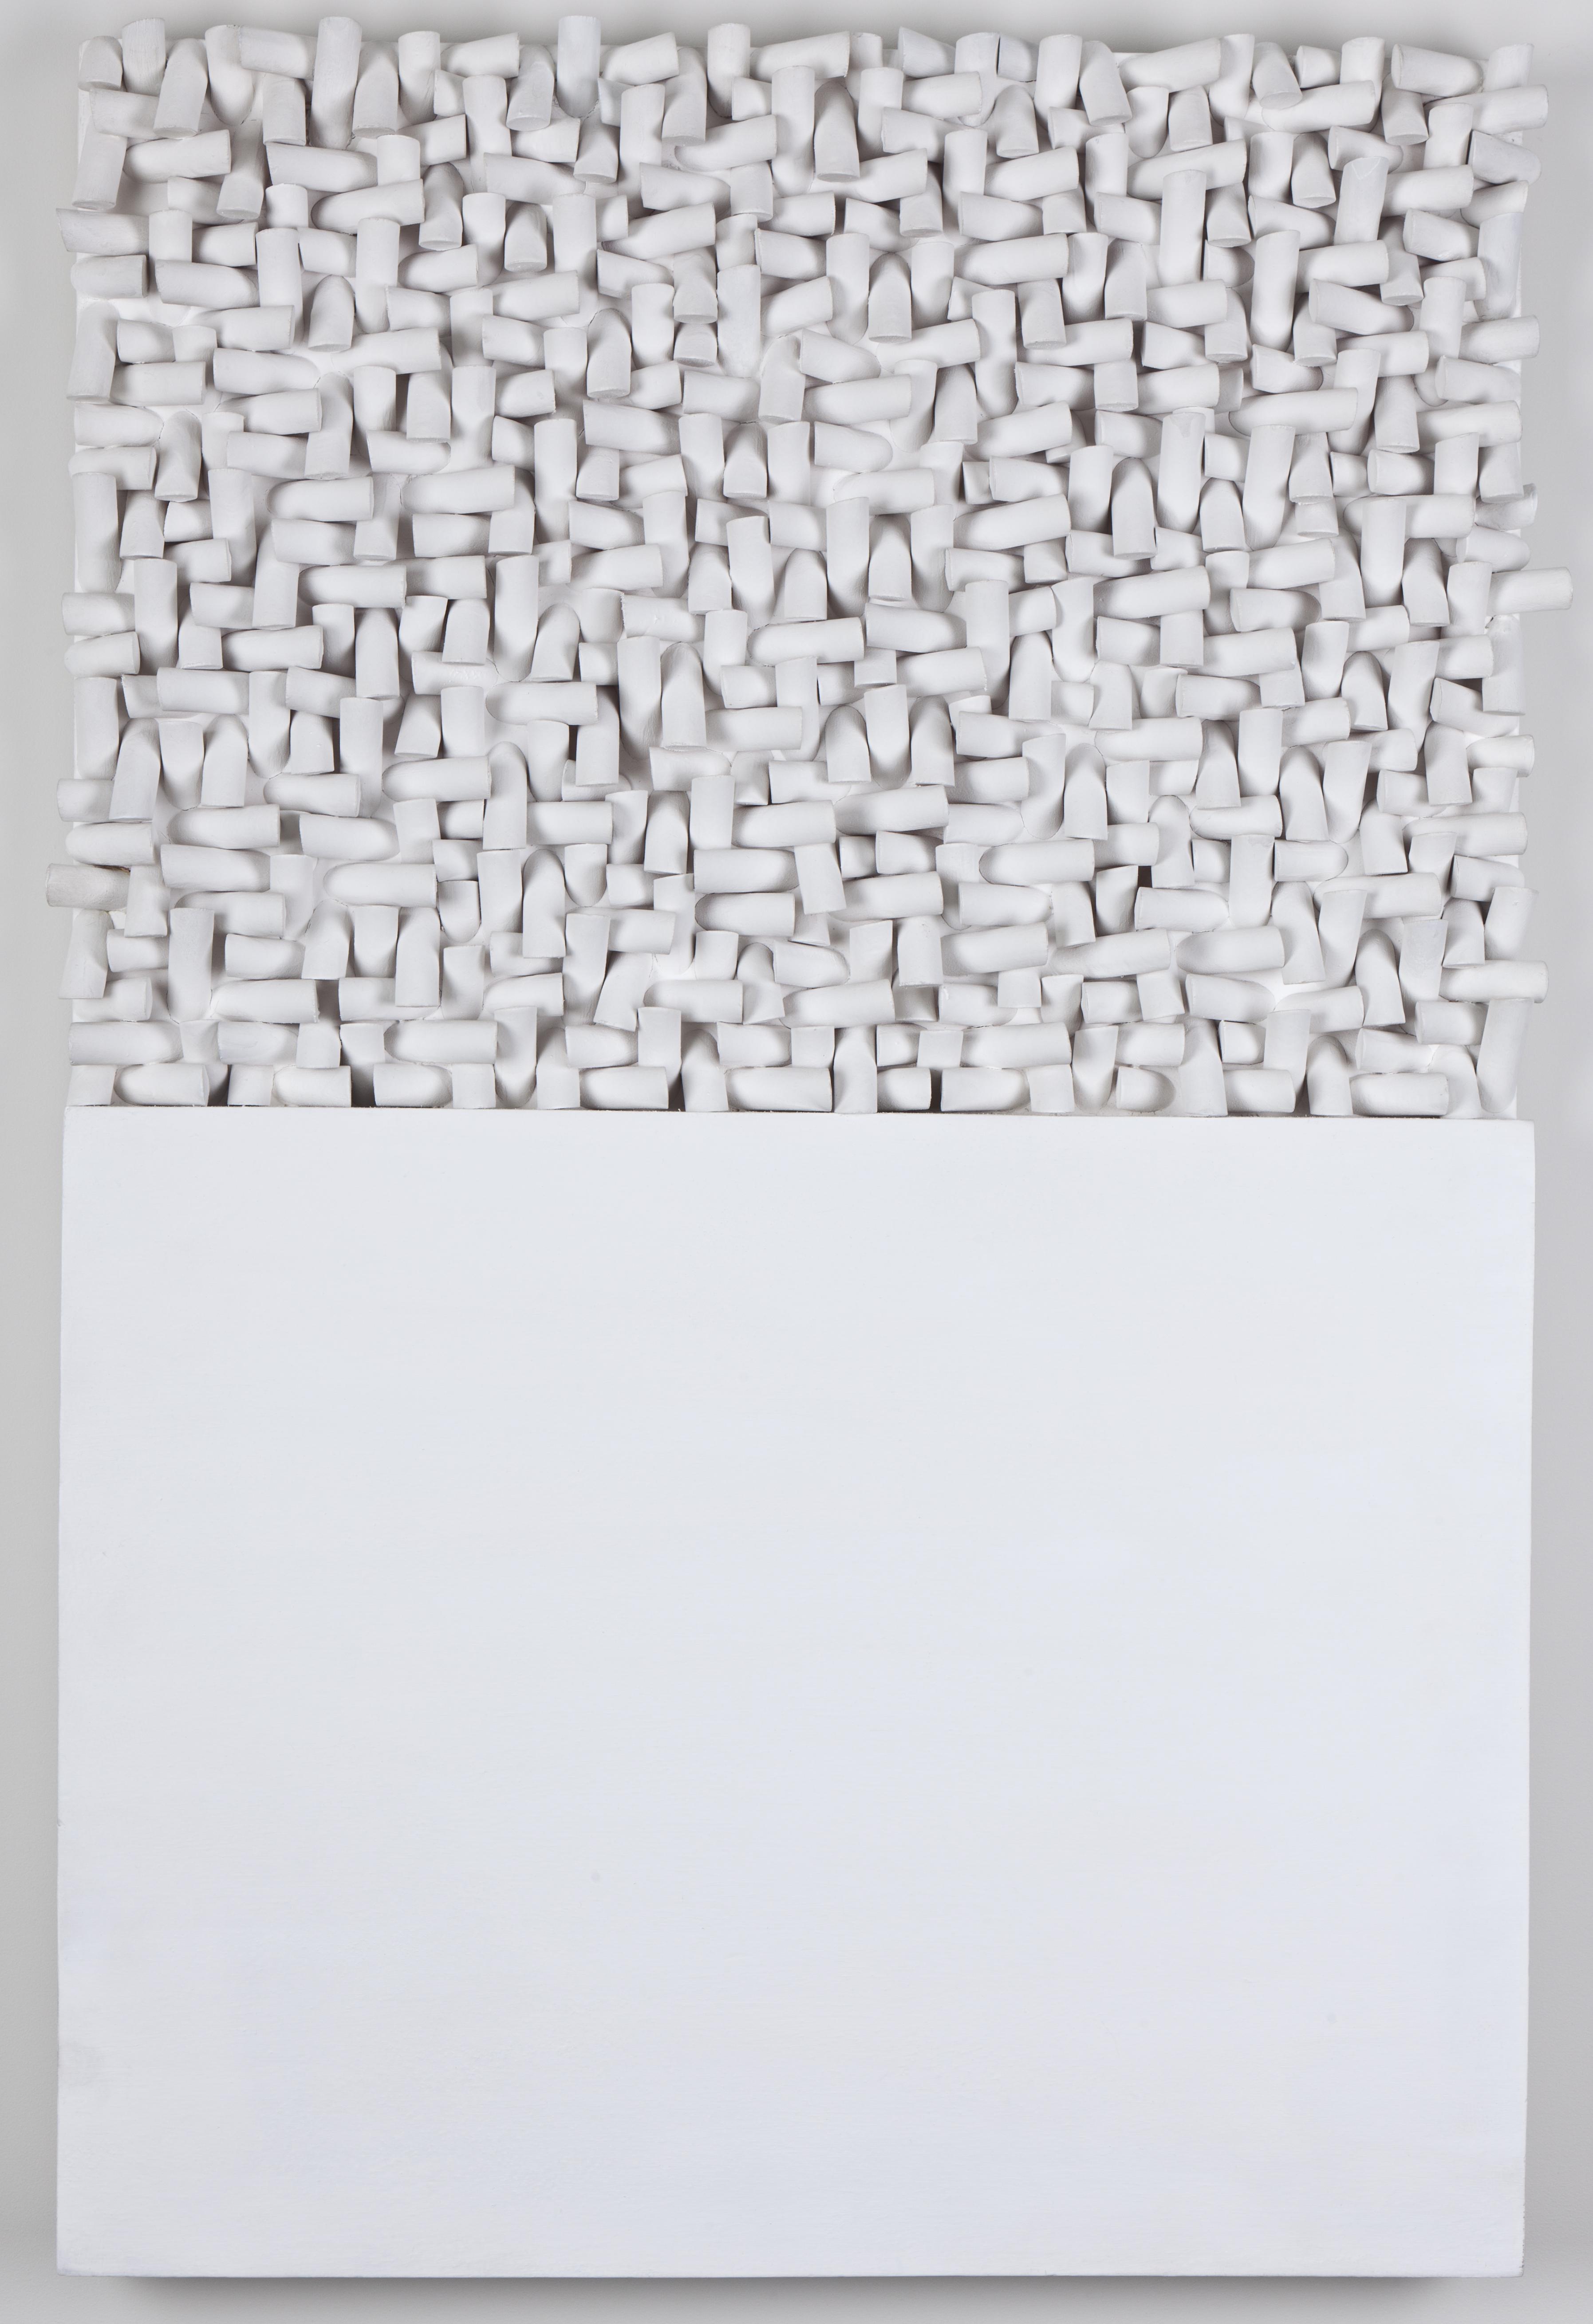 camargo-relief-197-1968